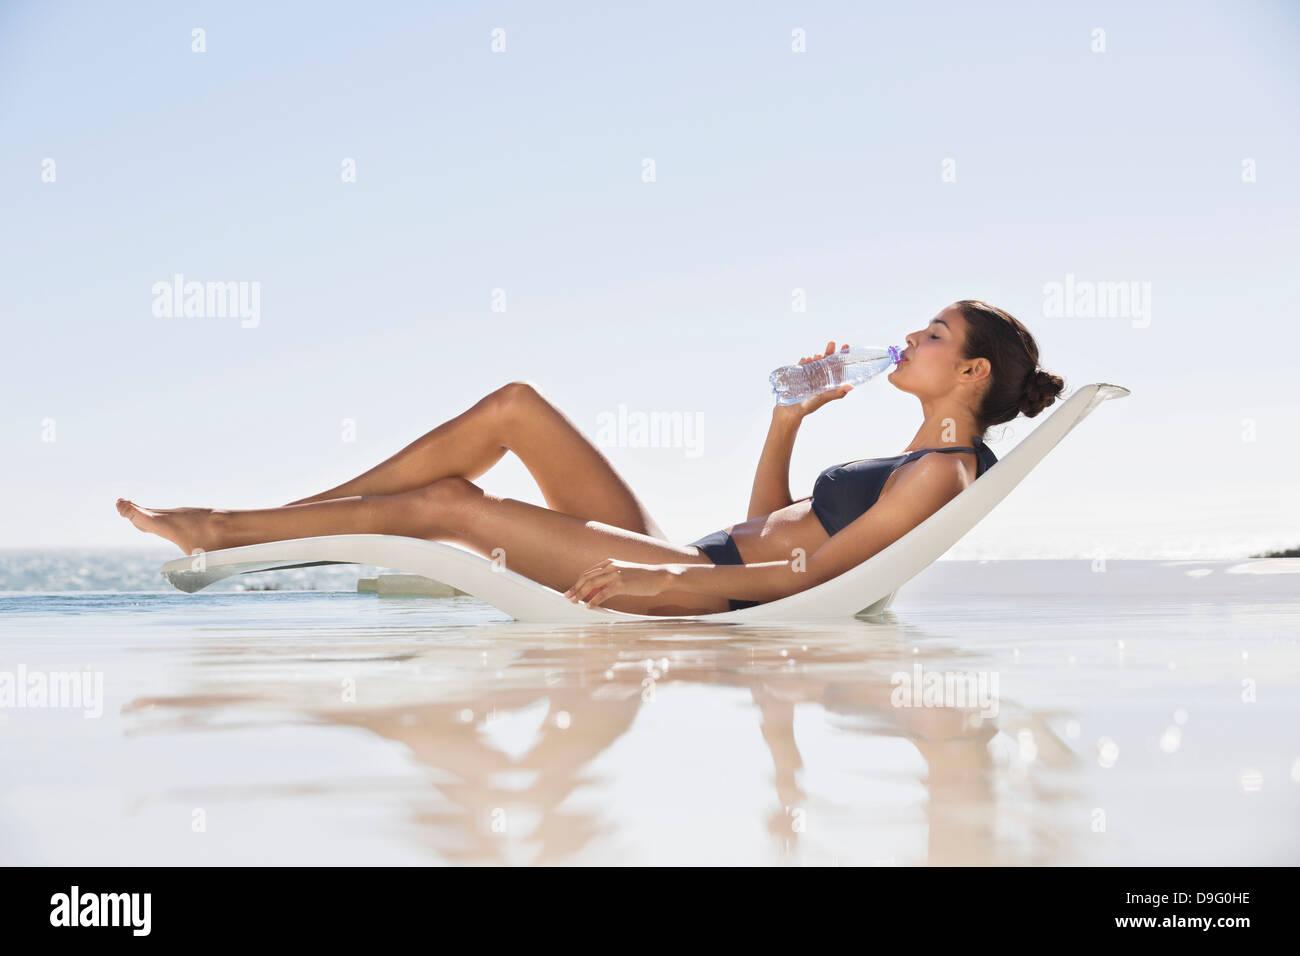 Belle femme l'eau potable sur la plage Banque D'Images